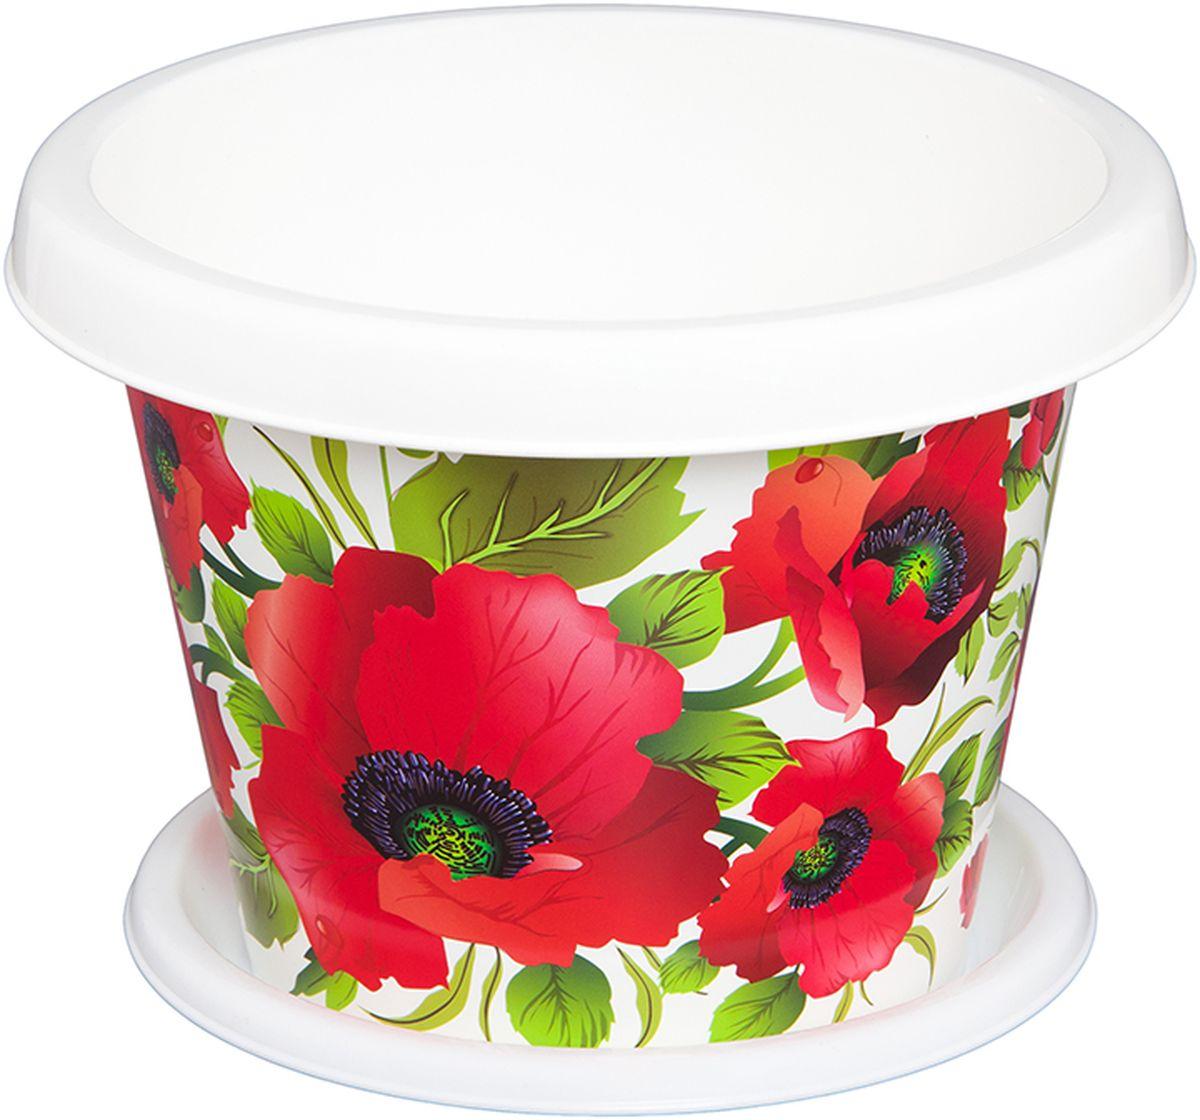 Кашпо Violet Маки, с поддоном, 1 л811171Кашпо Violet изготовлено из высококачественного пластика. Специальный поддон предназначен для стока воды. Изделие прекрасно подходит для выращивания растений и цветов в домашних условиях. Лаконичный дизайн впишется в интерьер любого помещения.